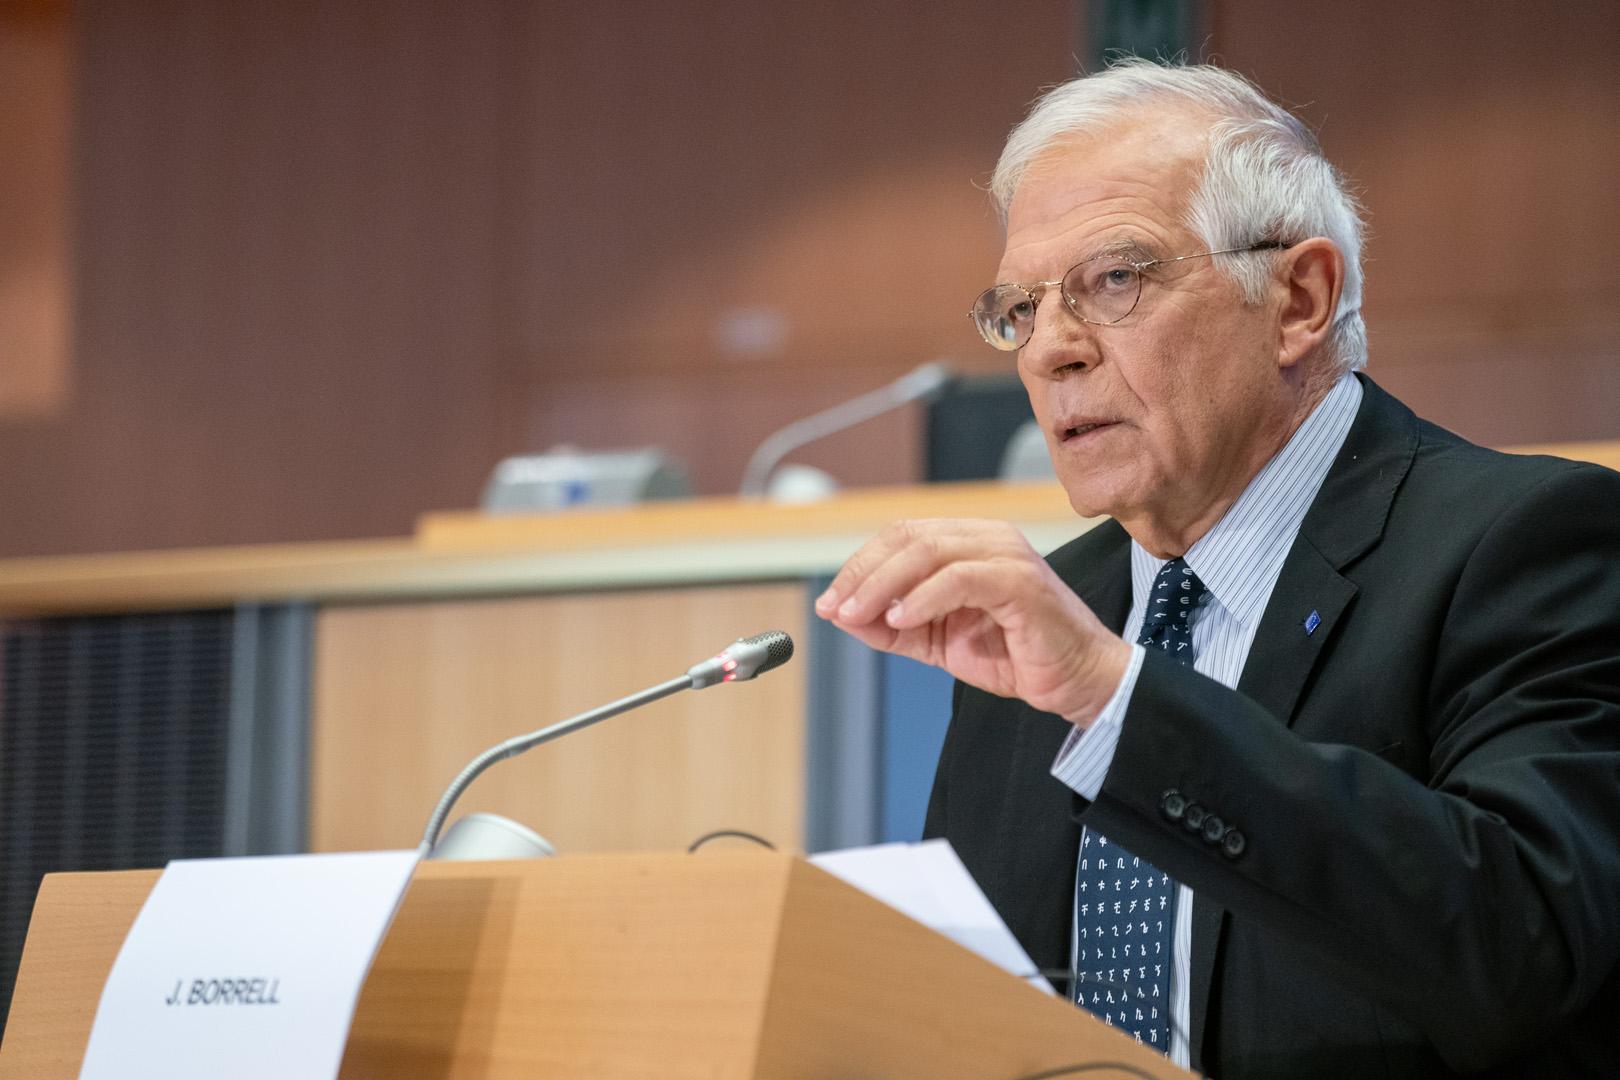 Ndryshim i kufijve në Ballkan? Borrel: Vuçiç: Jam pro çdo debati! S'e kam parë dokumentin